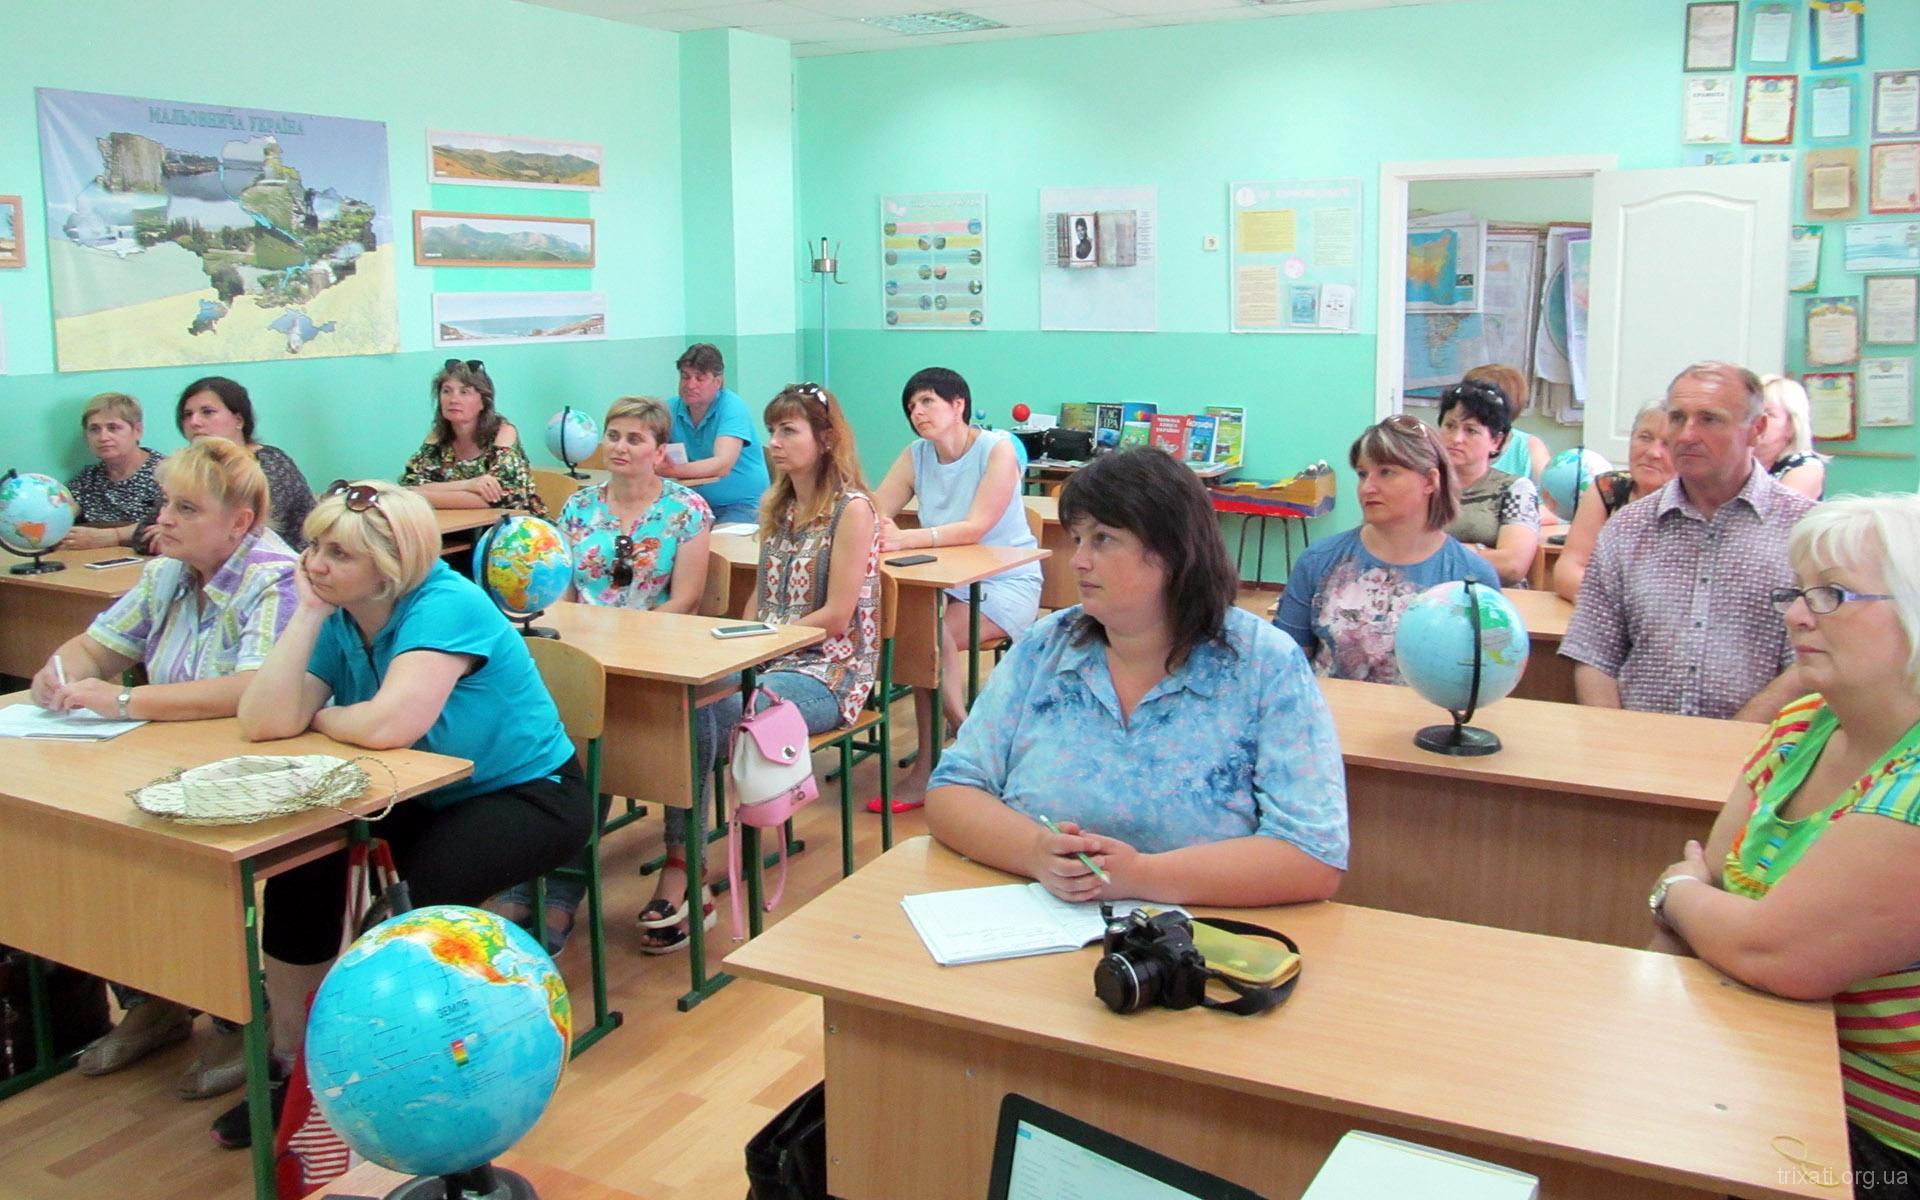 Географи Миколаївщини збирались у Трихатах